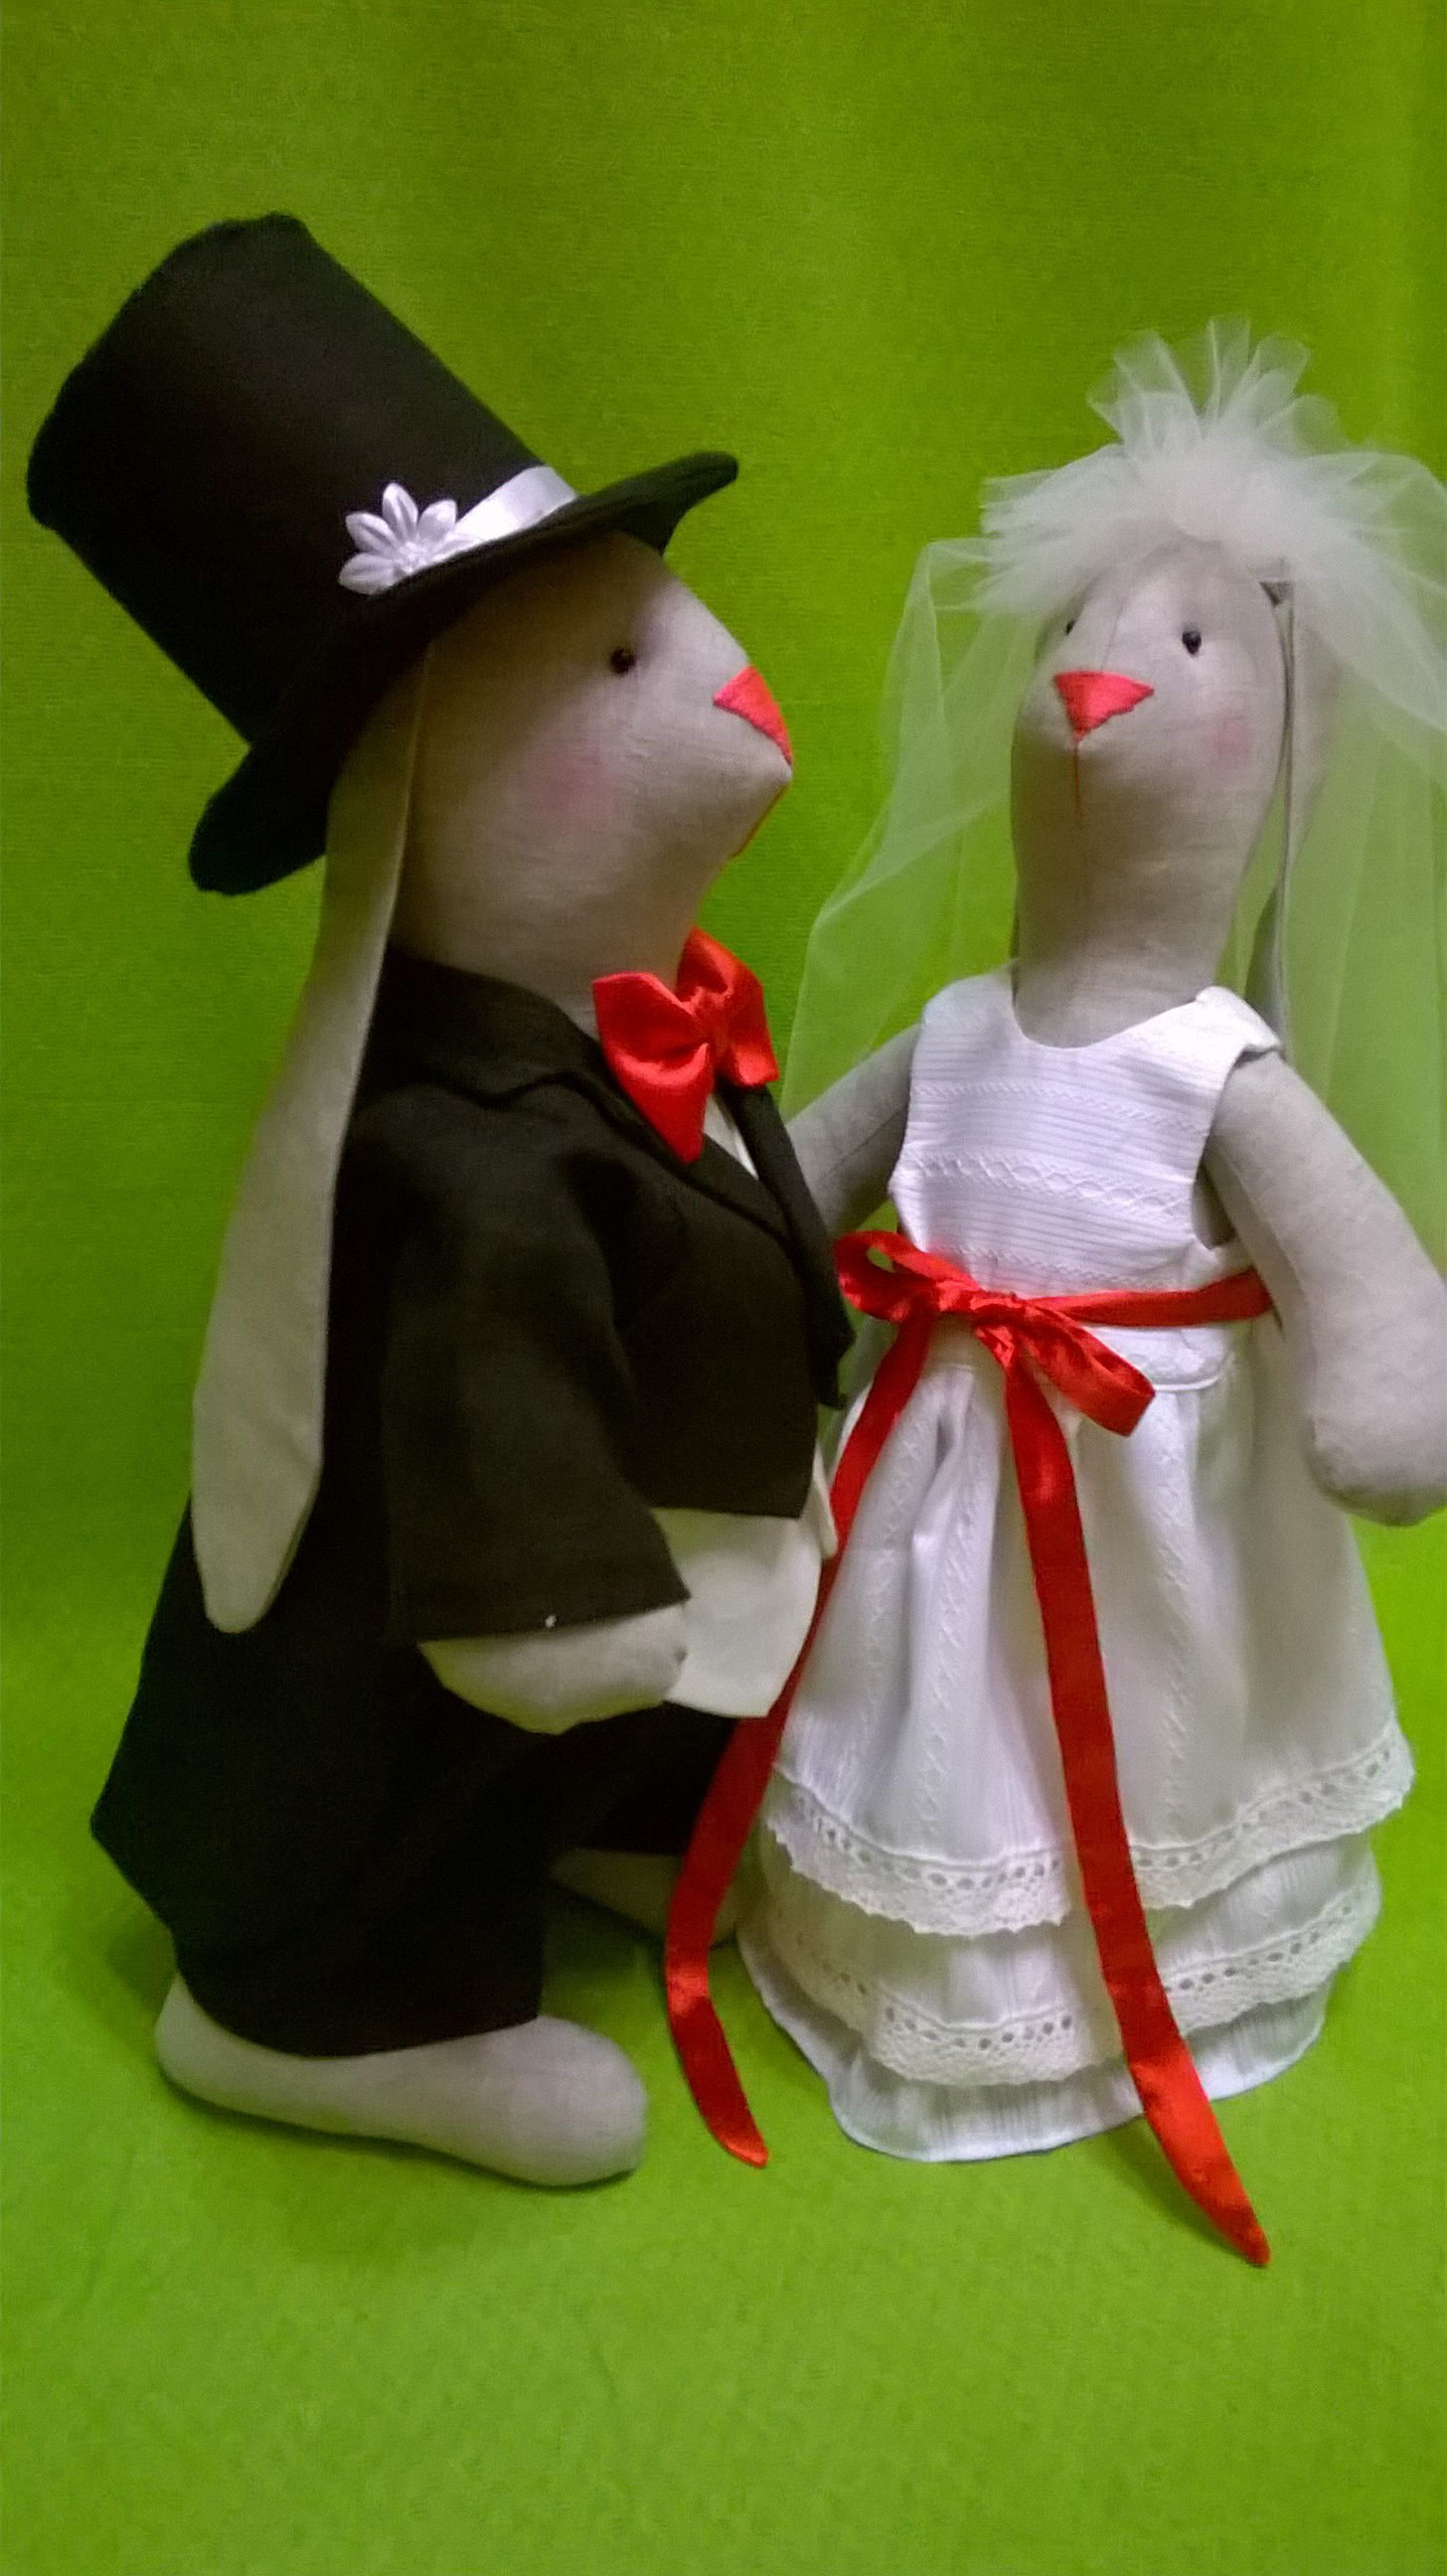 жених кукла свадебные влюбленная зайчонок невеста заяц зайчик и куклы парочка